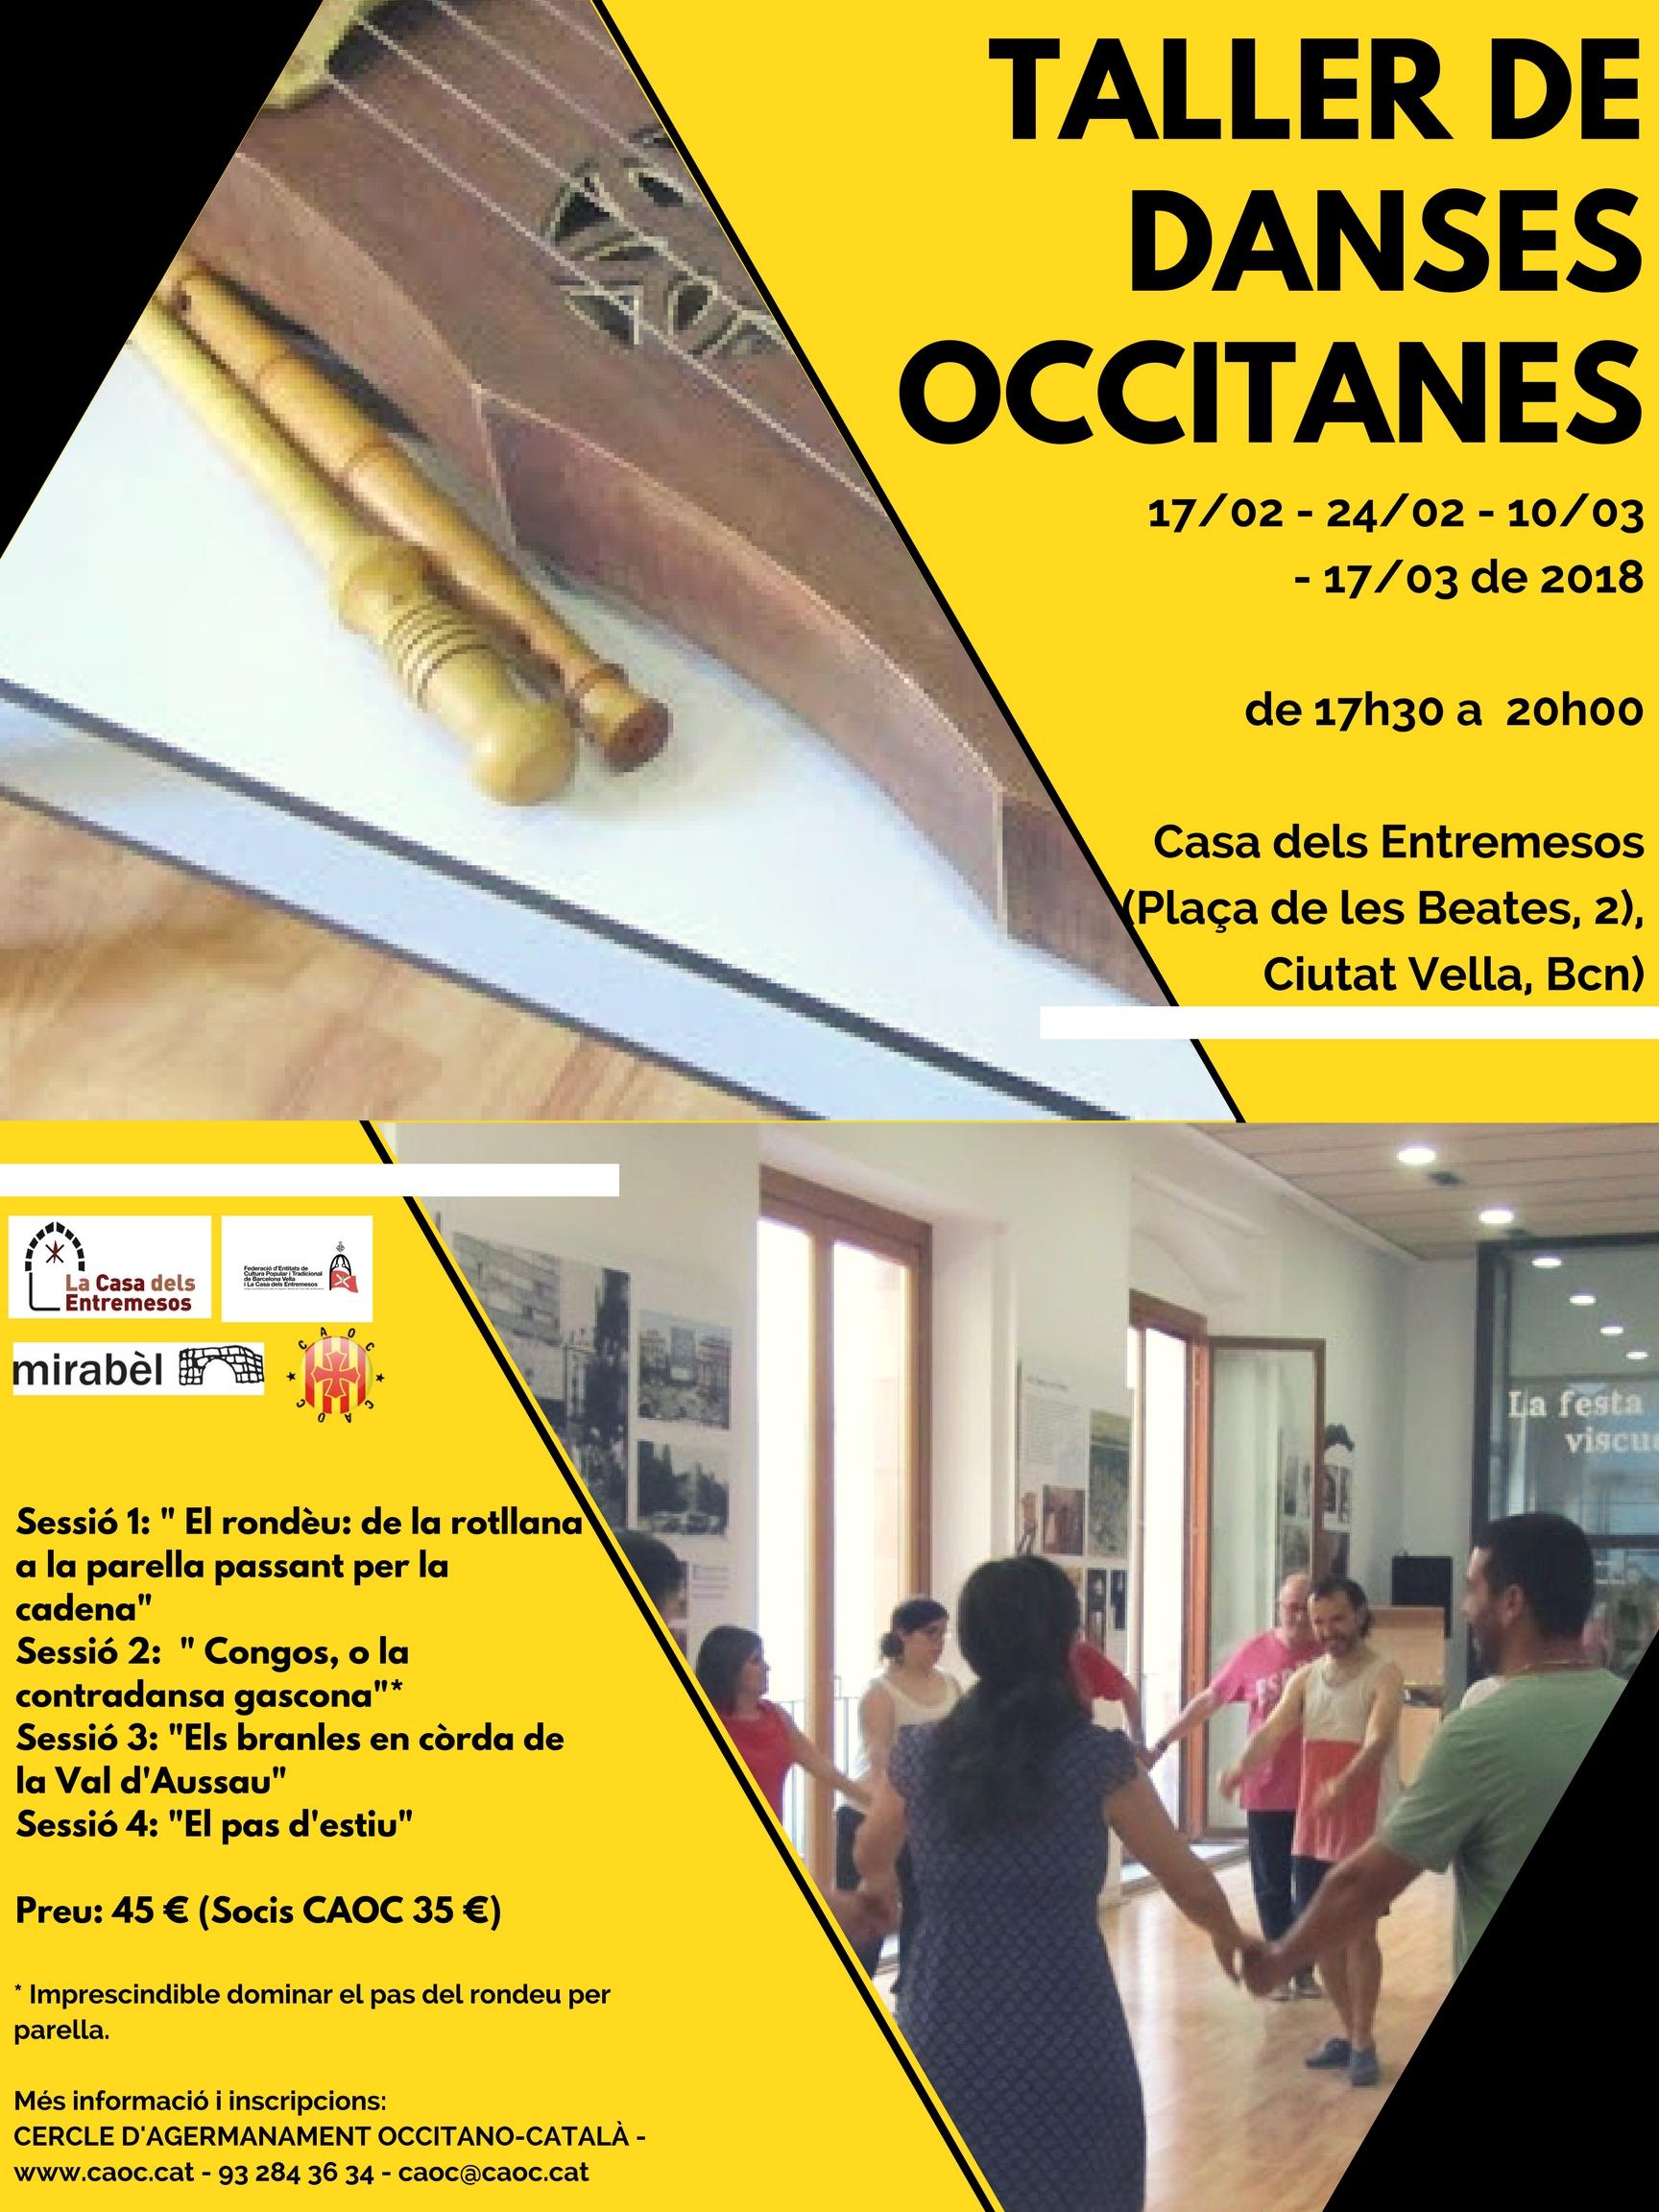 taller_danses_occitanes_2018